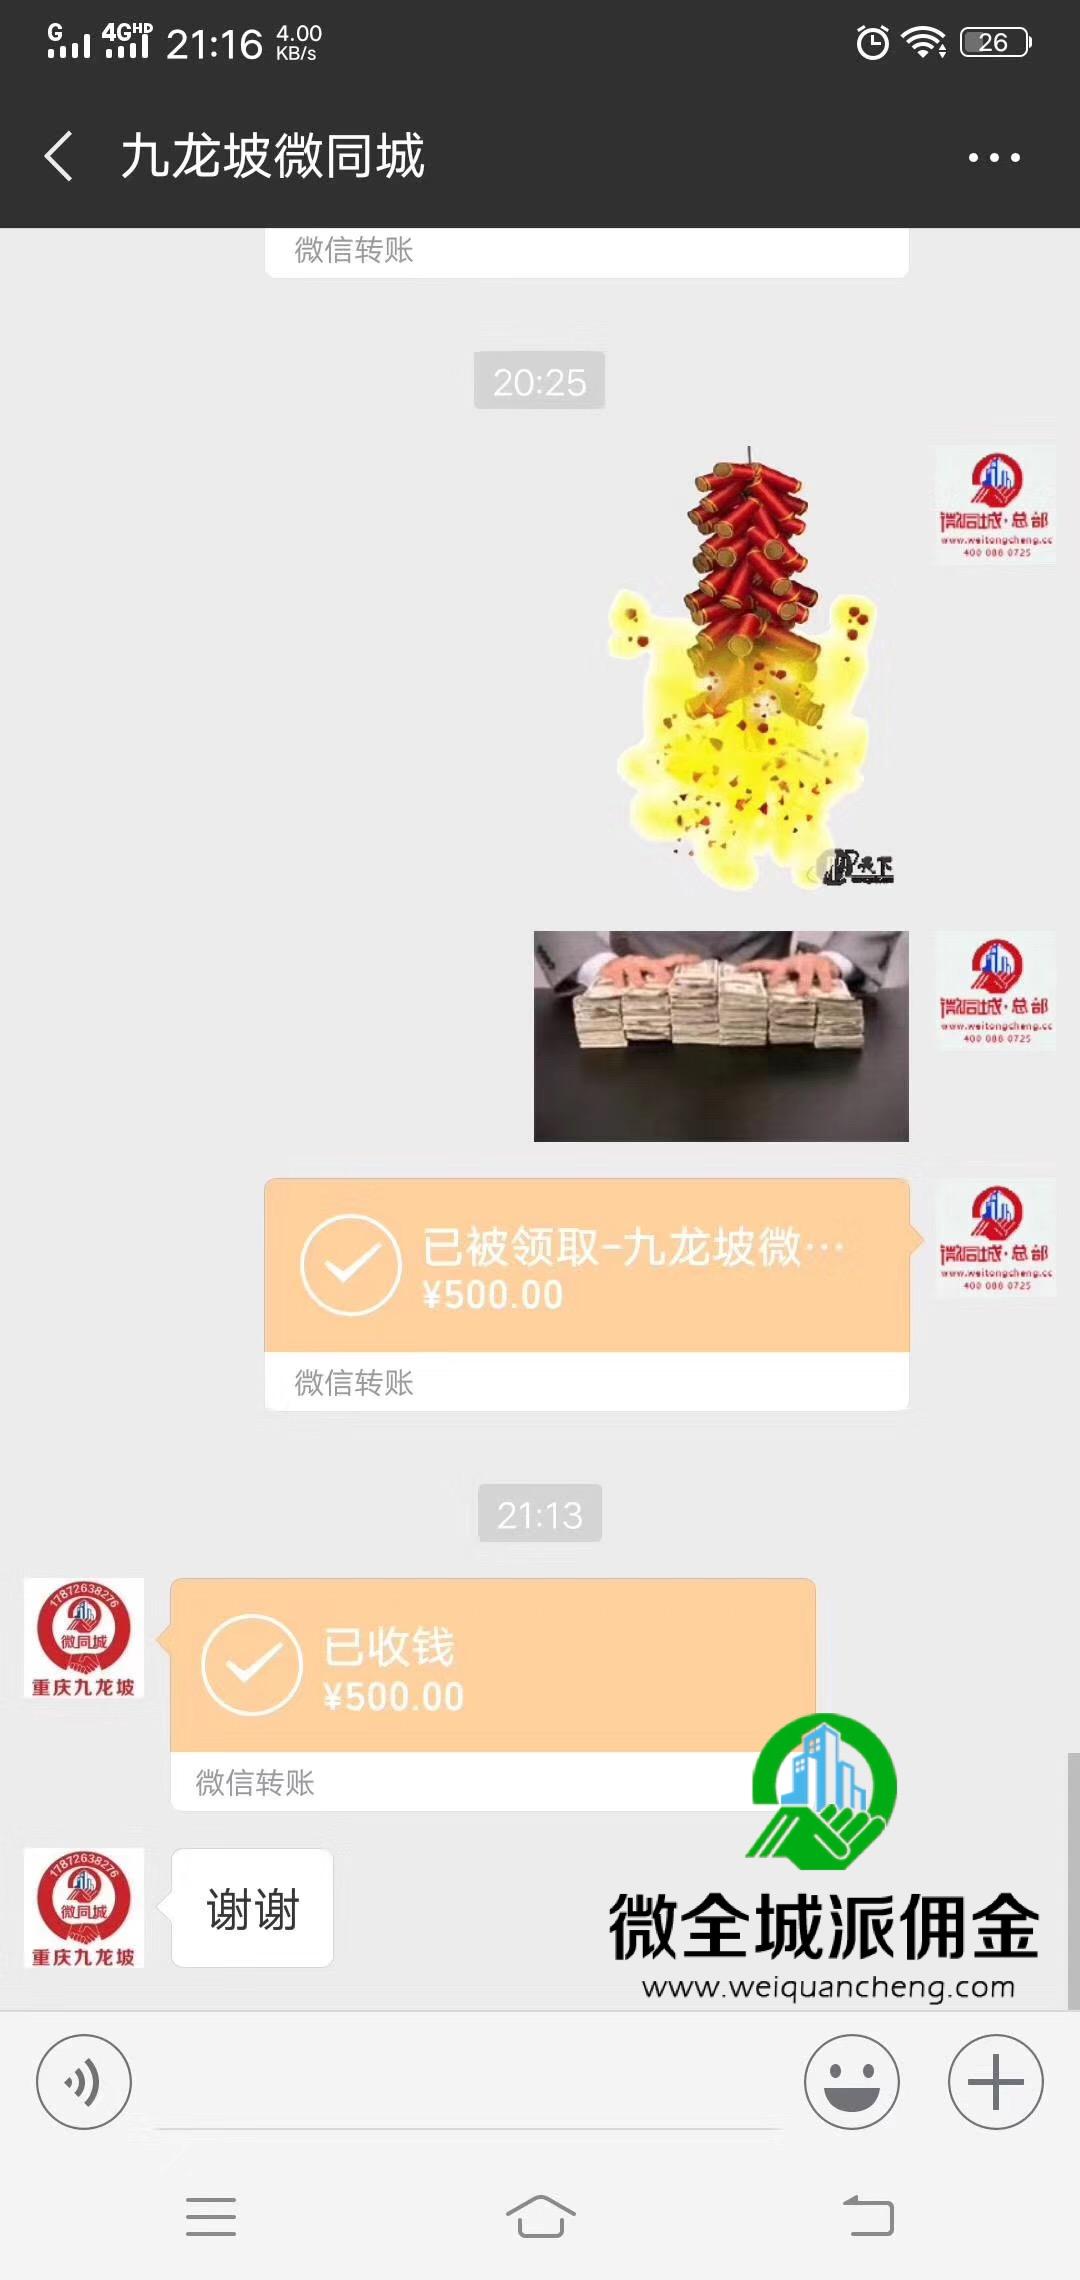 【赚500元】重庆九龙坡微全城微帮广告佣金